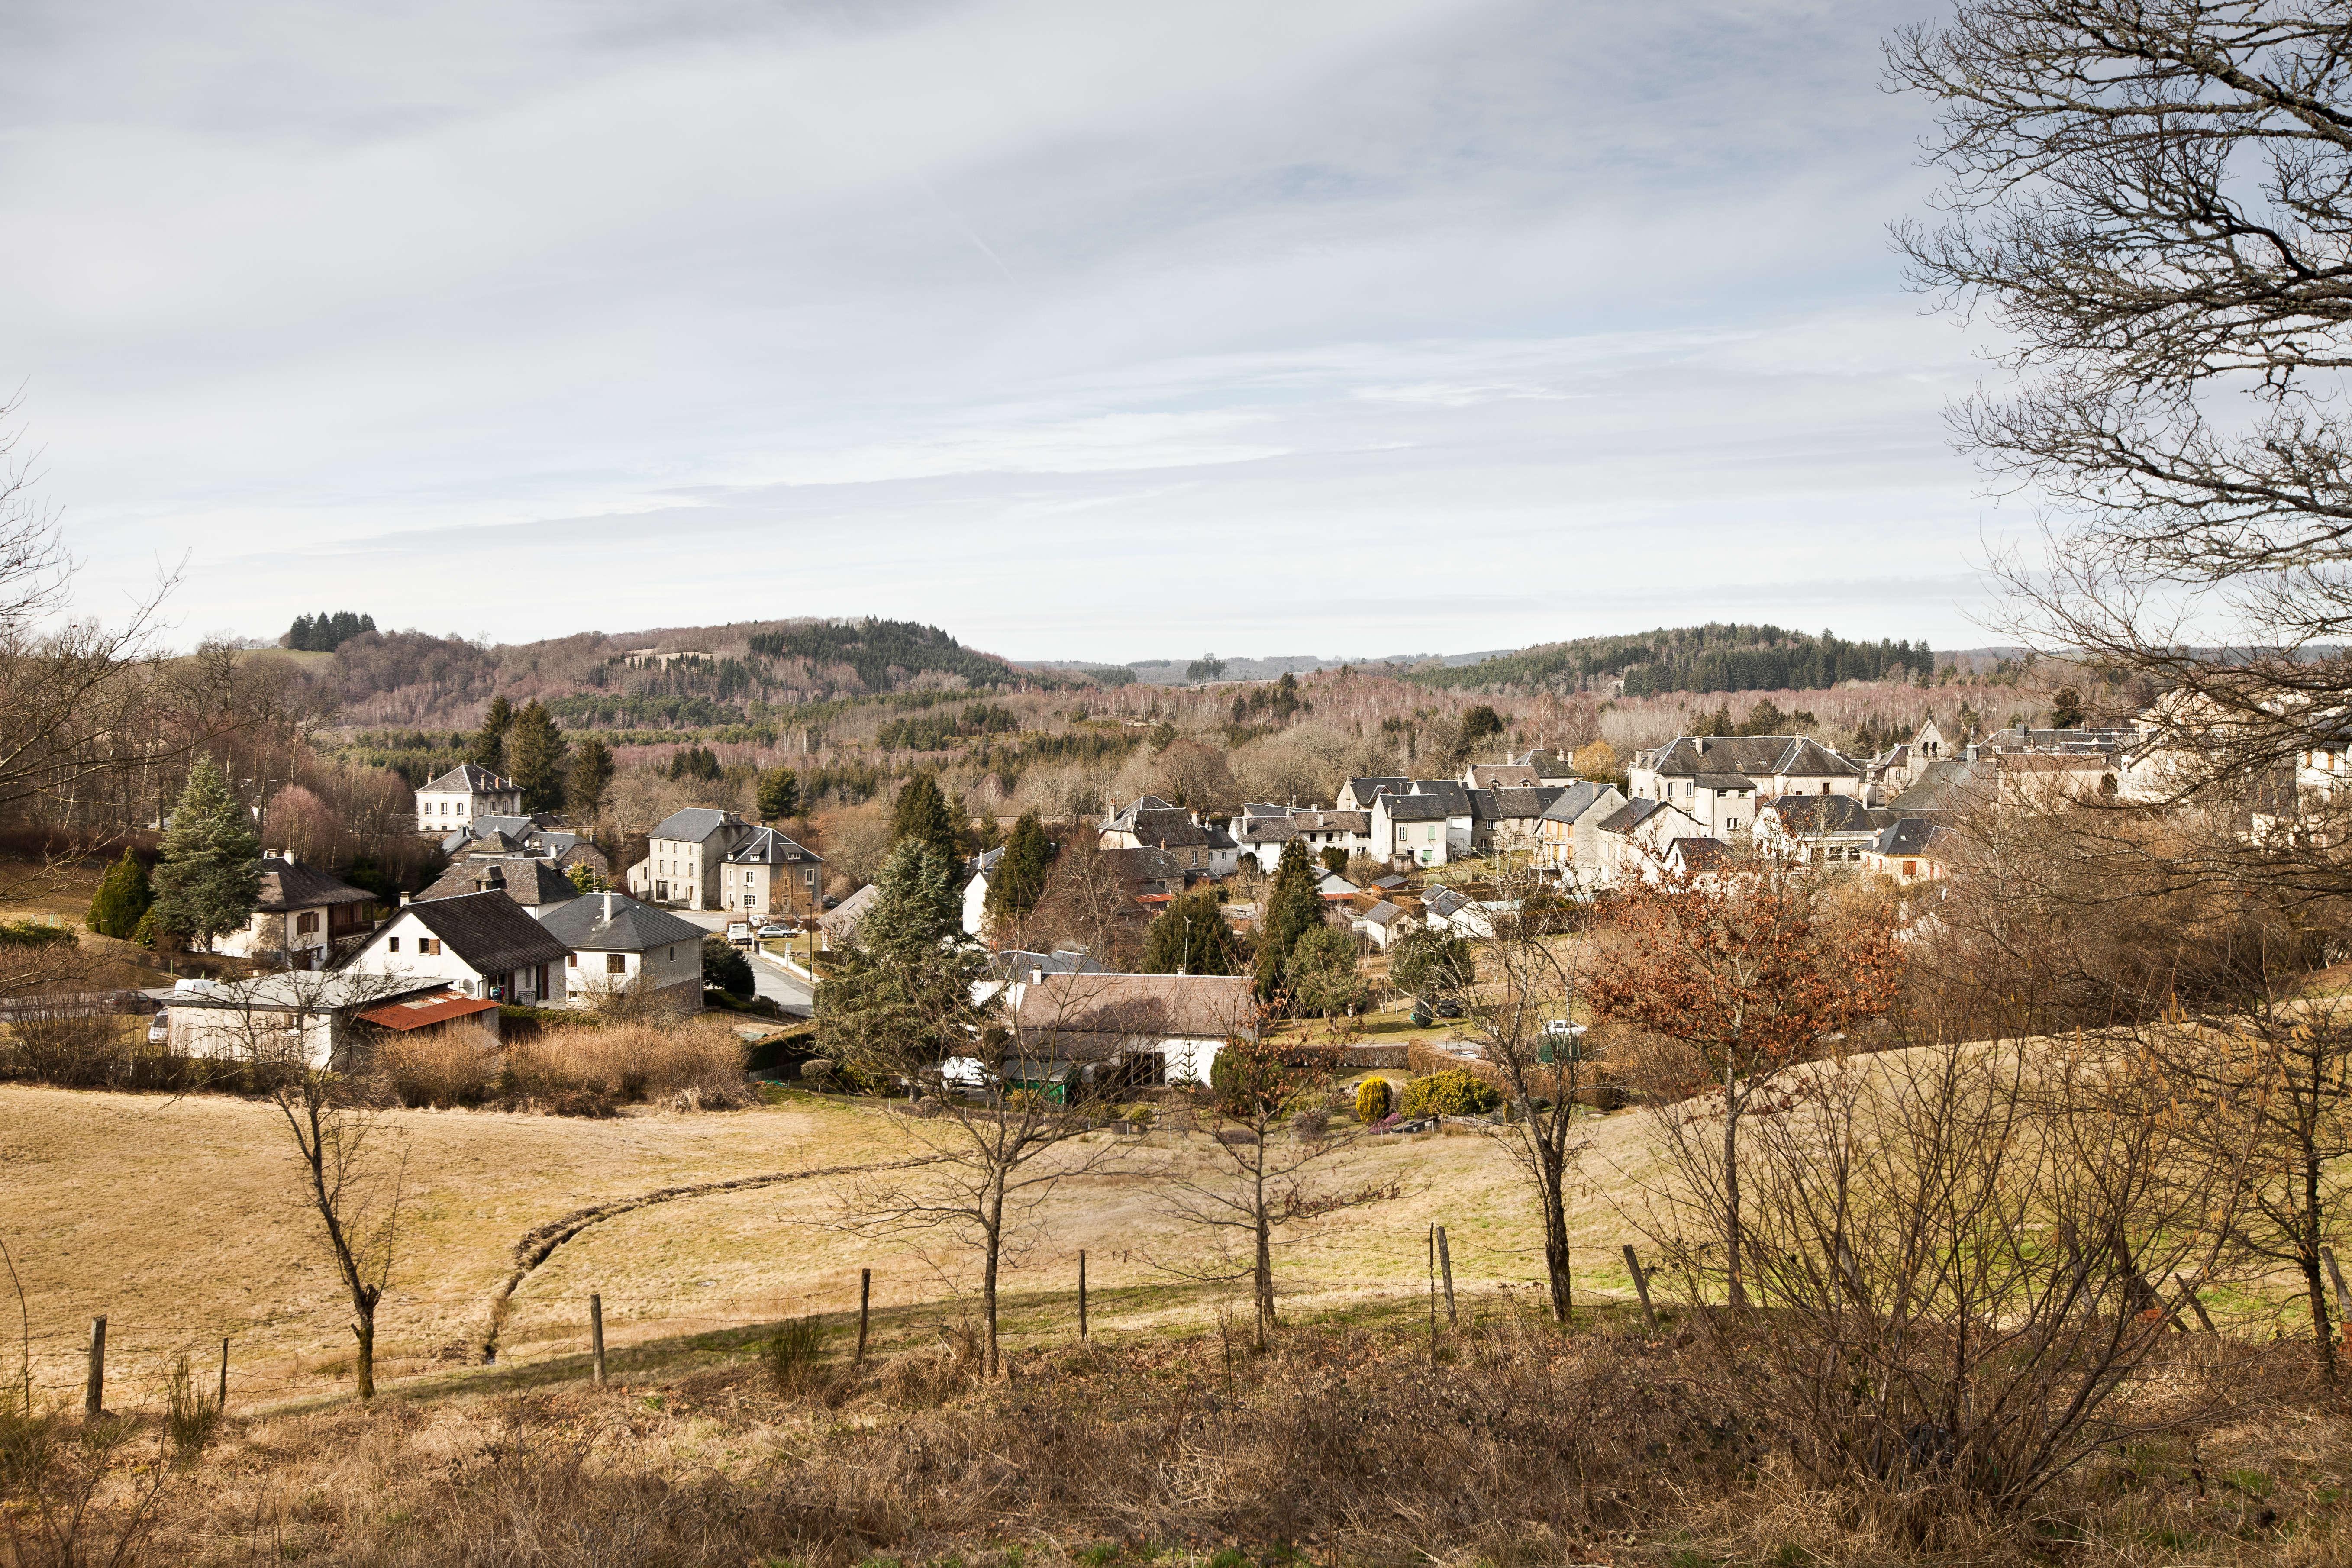 Le village de Bugeat, en Corrèze, est situé dans le parc naturel régional de Millevaches en Limousin.